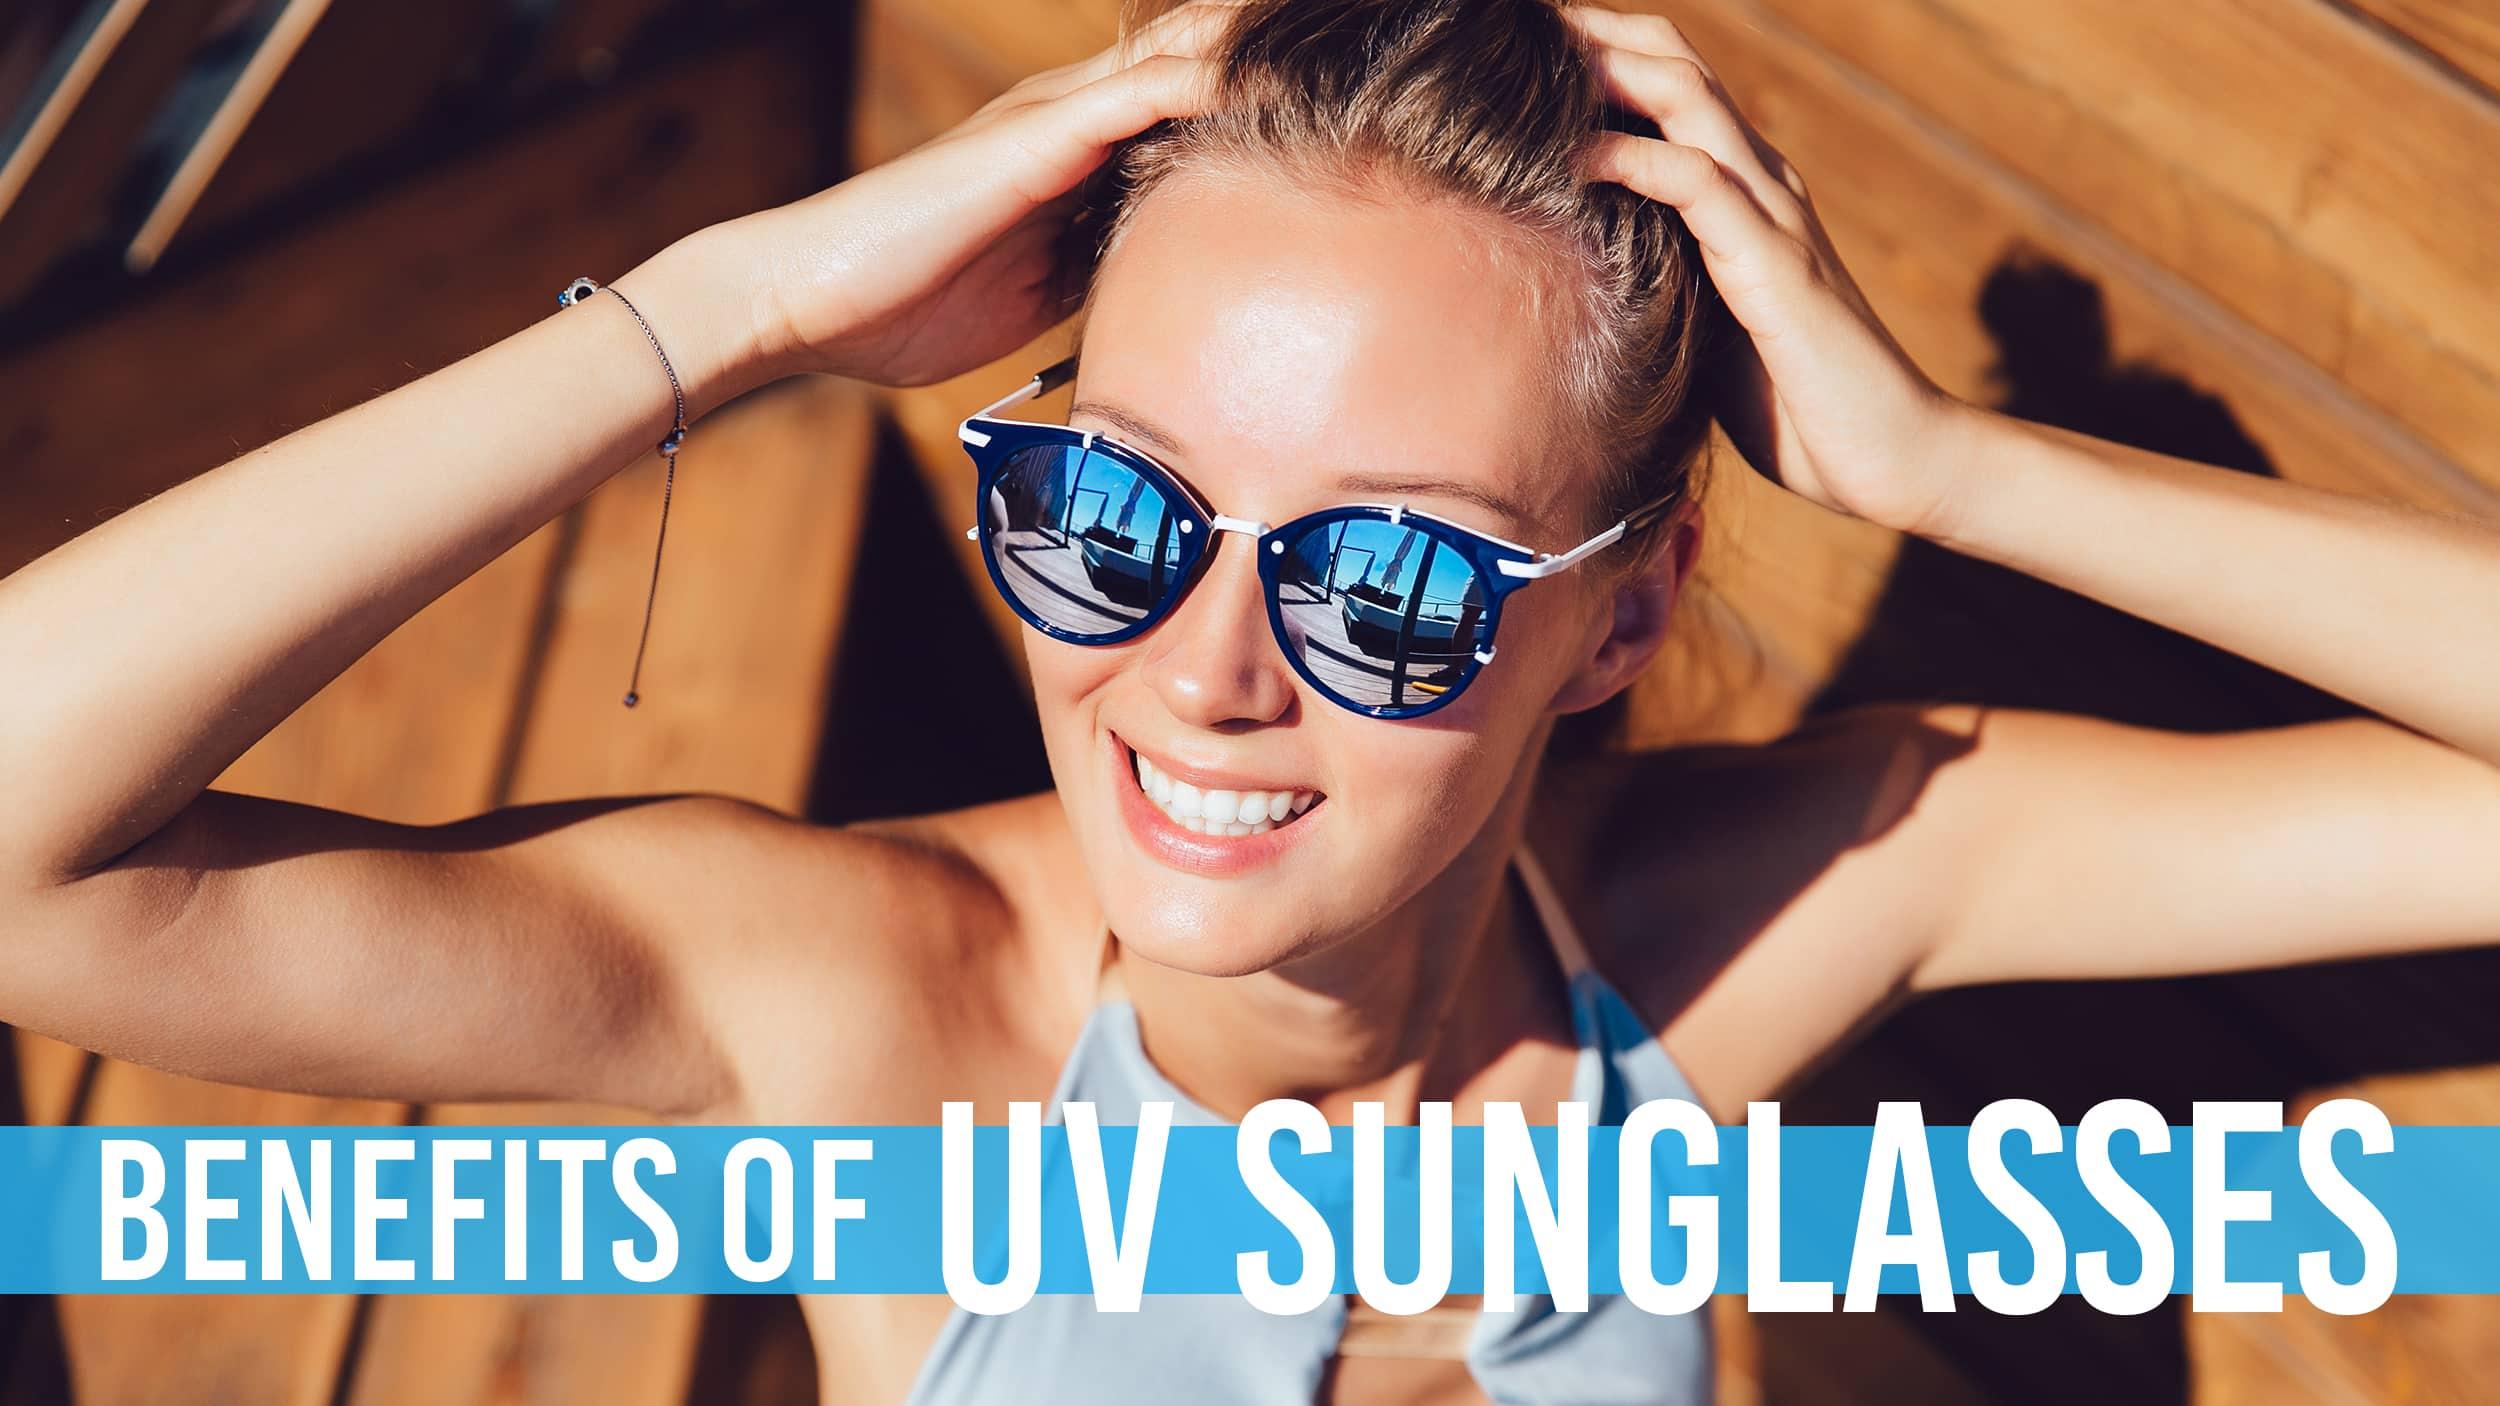 Benefits of UV Glasses